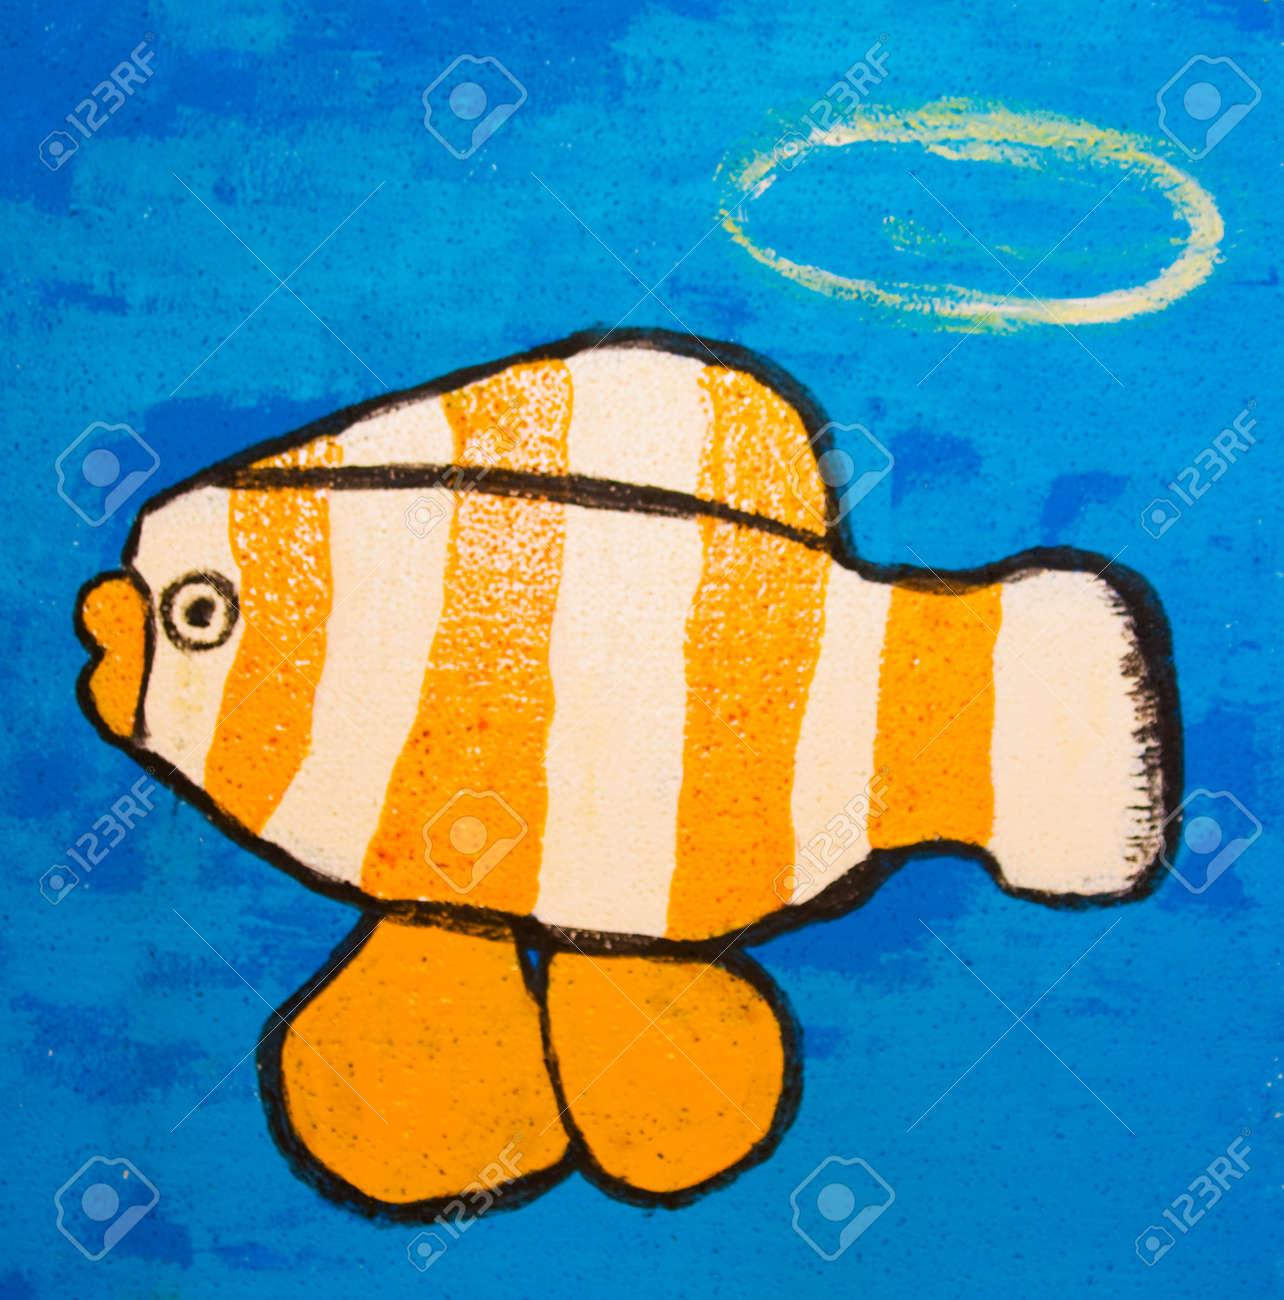 Malerei Illustration, Acryl, Fisch Mit Orangefarbenen Und Weißen ...